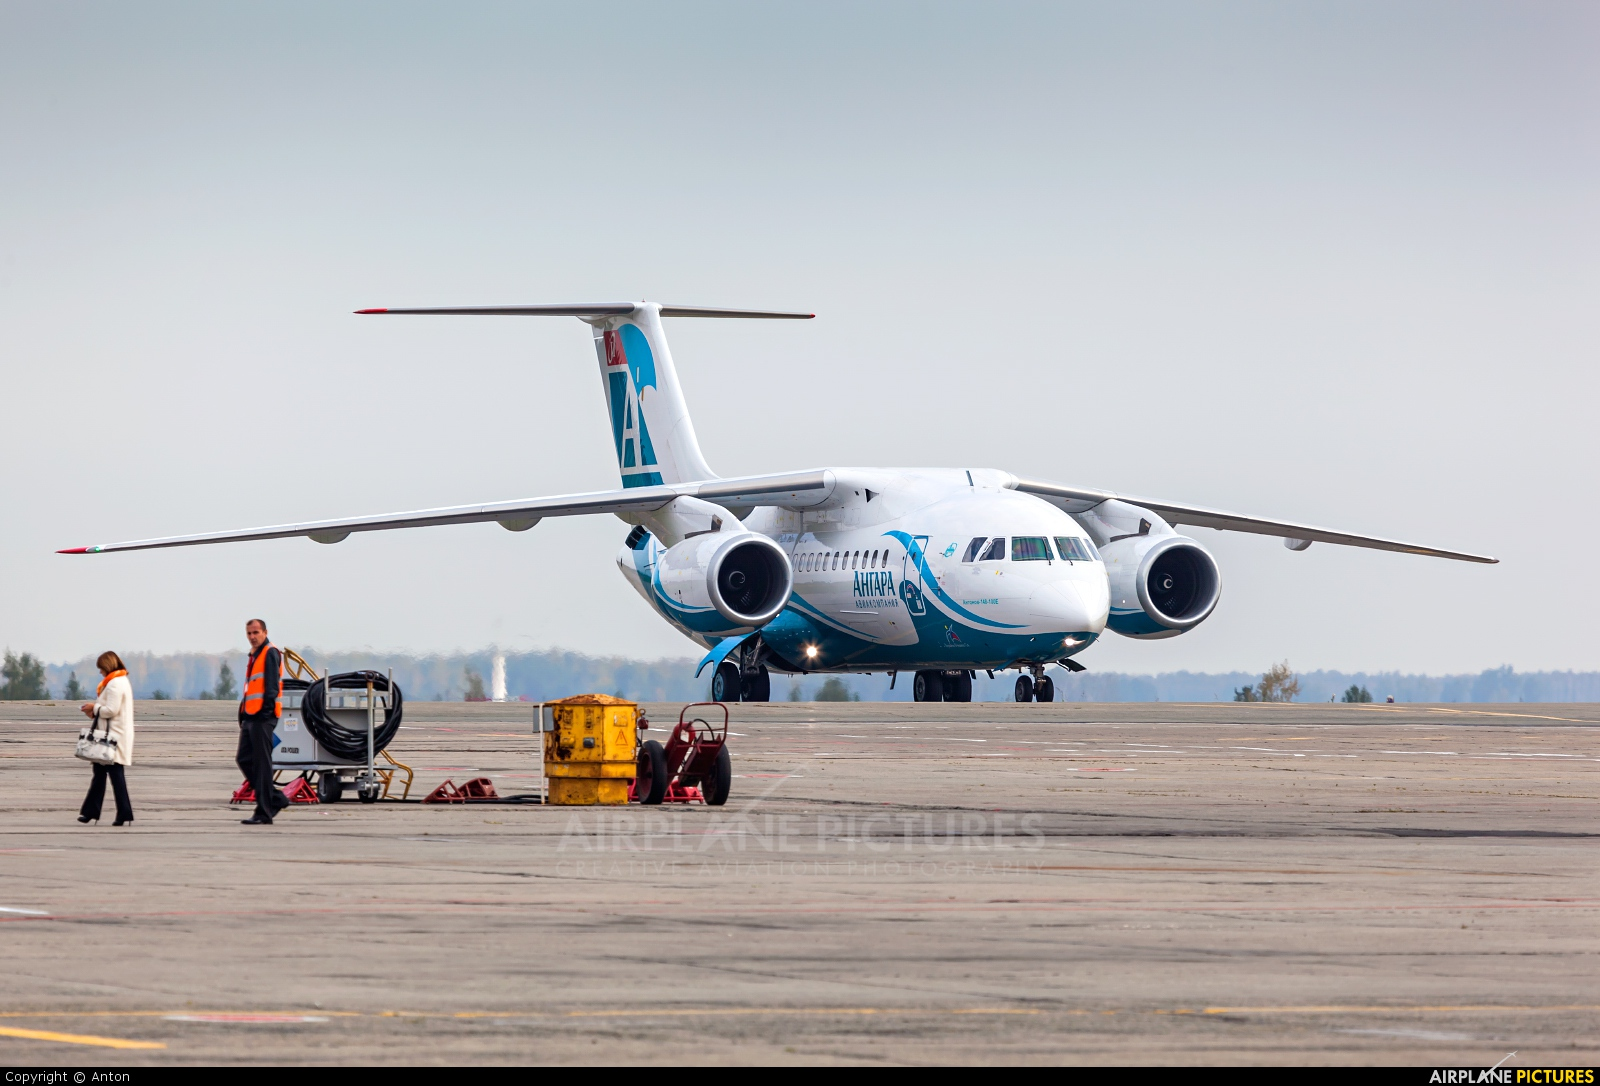 Angara Airlines RA-61713 aircraft at Chelyabinsk